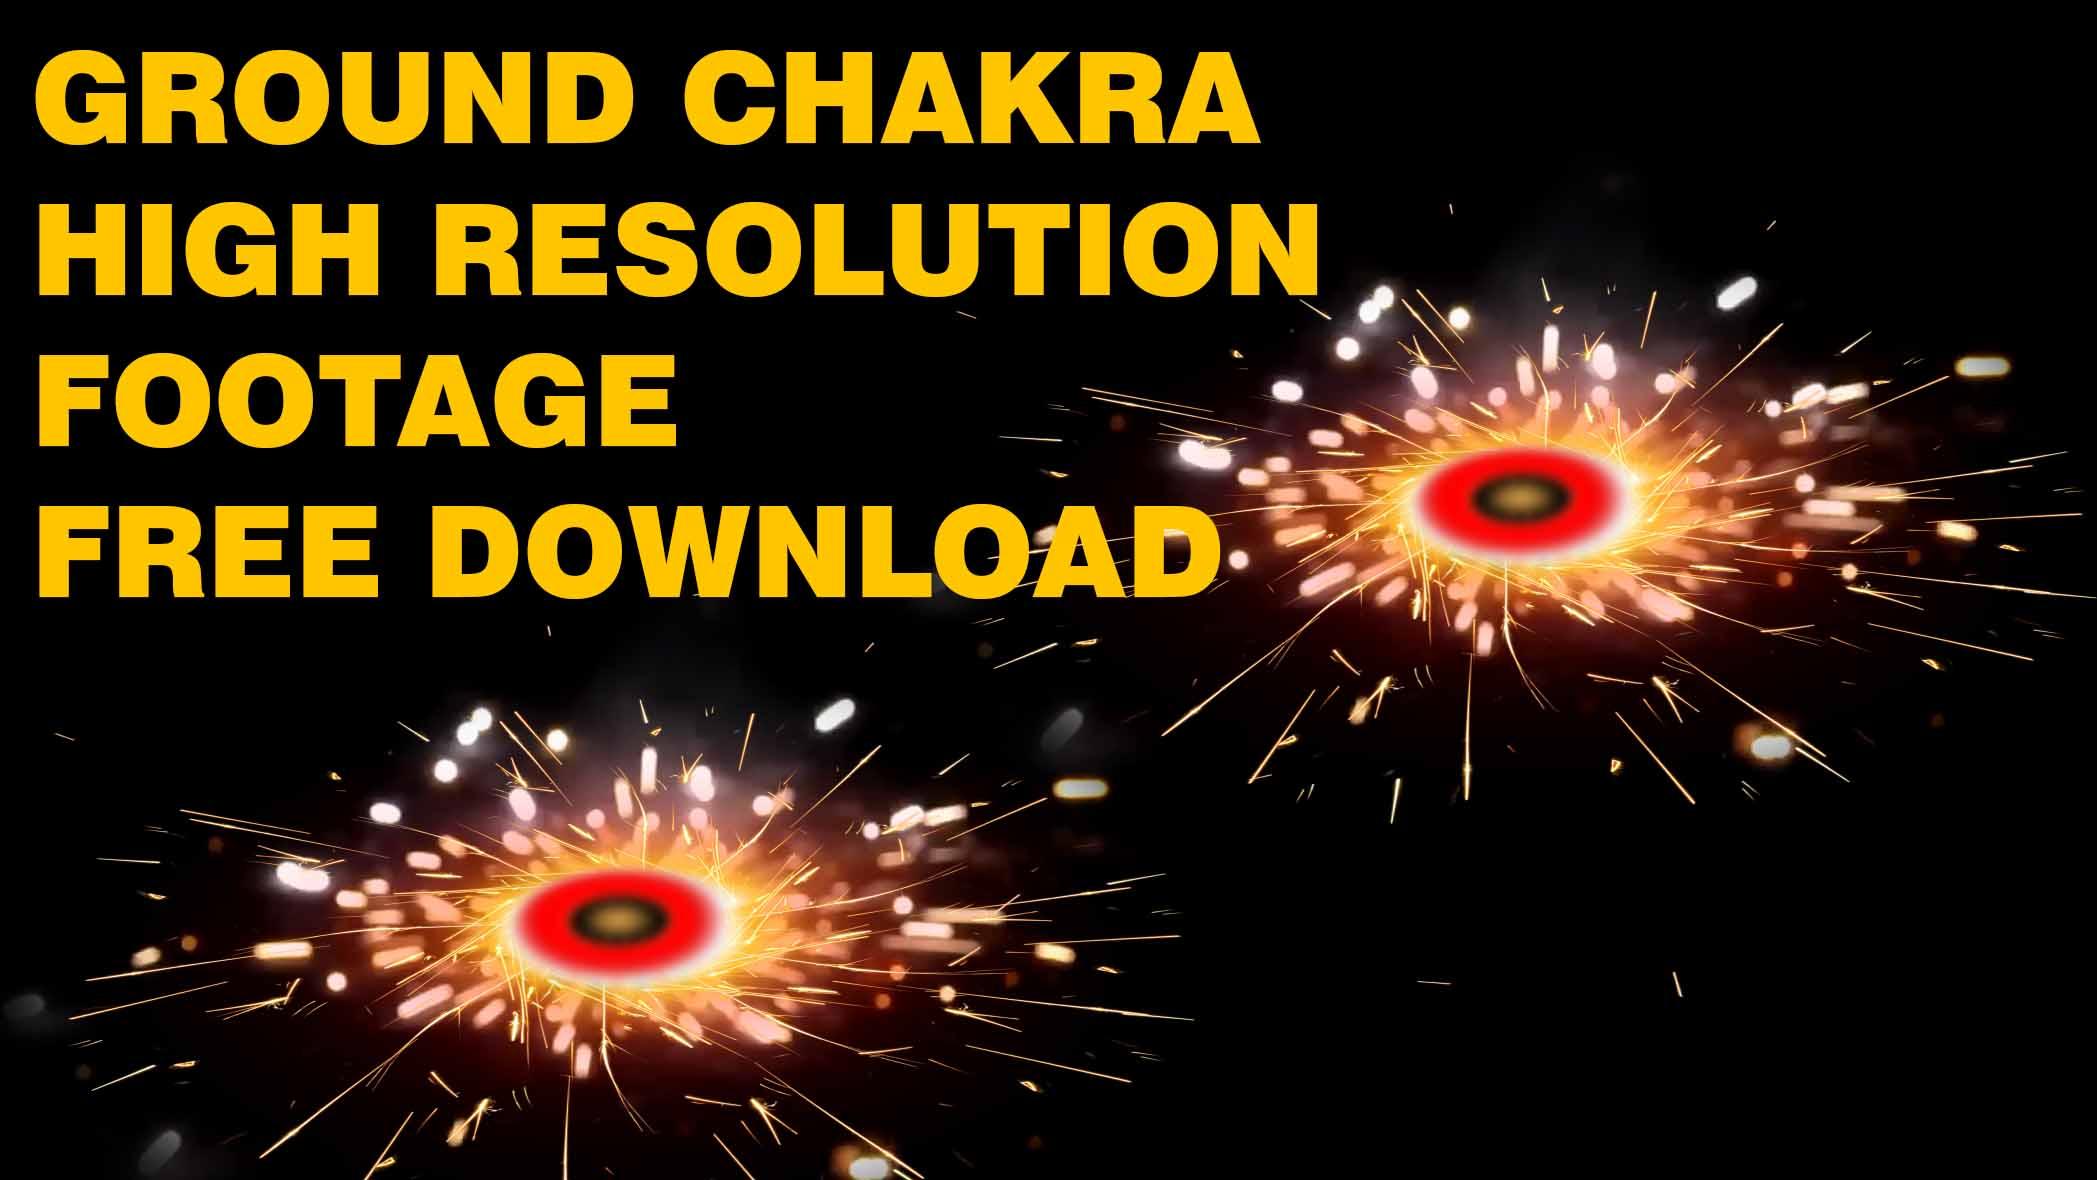 Ground Chakra